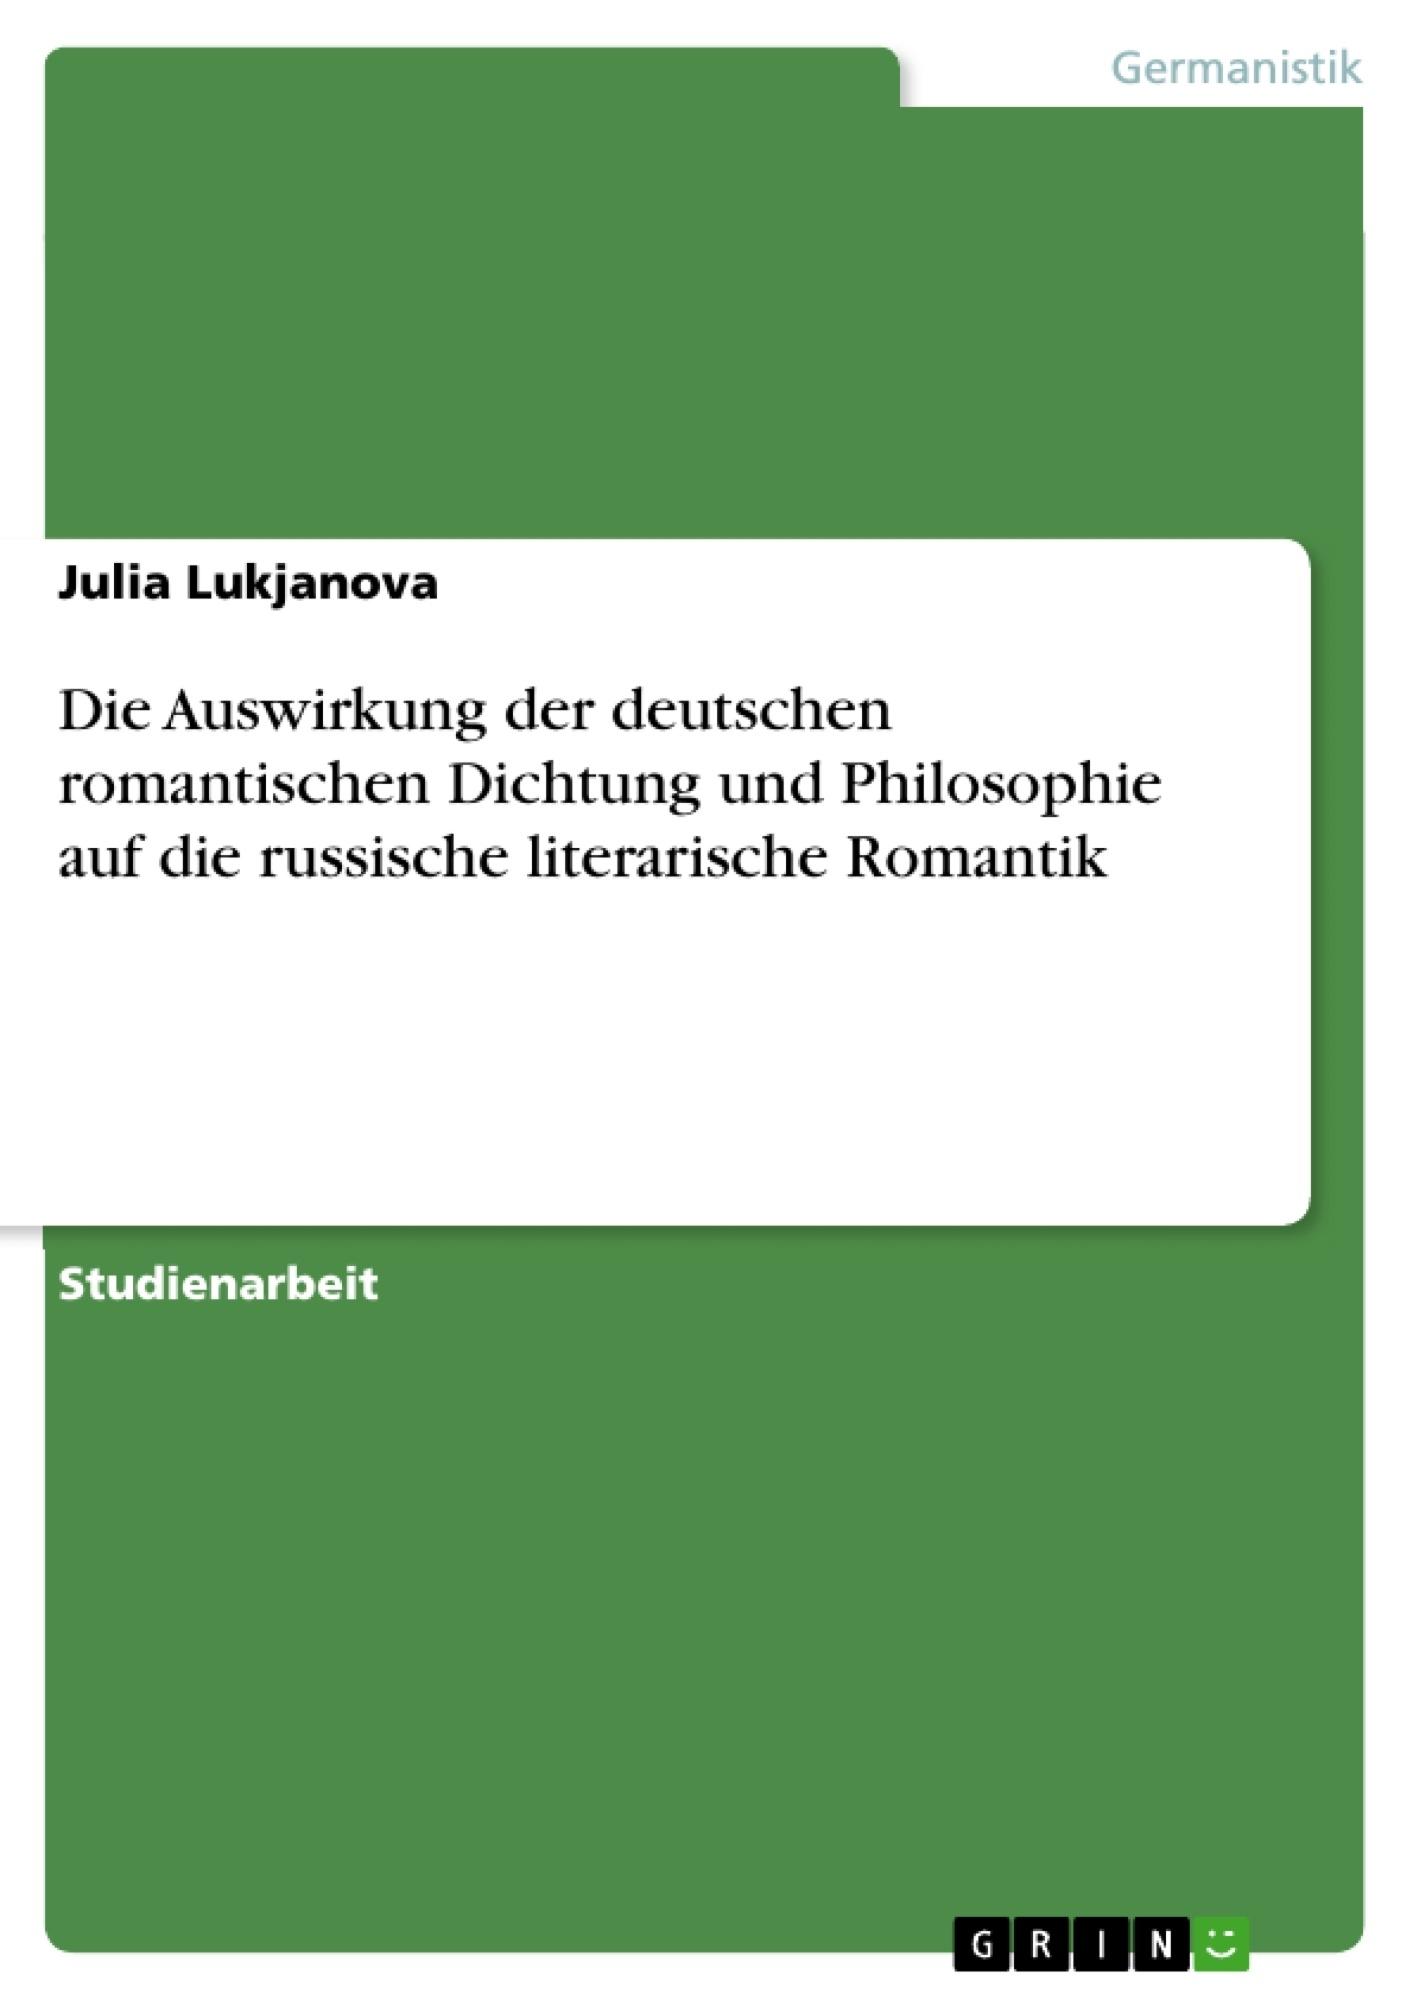 Titel: Die Auswirkung der deutschen romantischen Dichtung und Philosophie auf die russische literarische Romantik